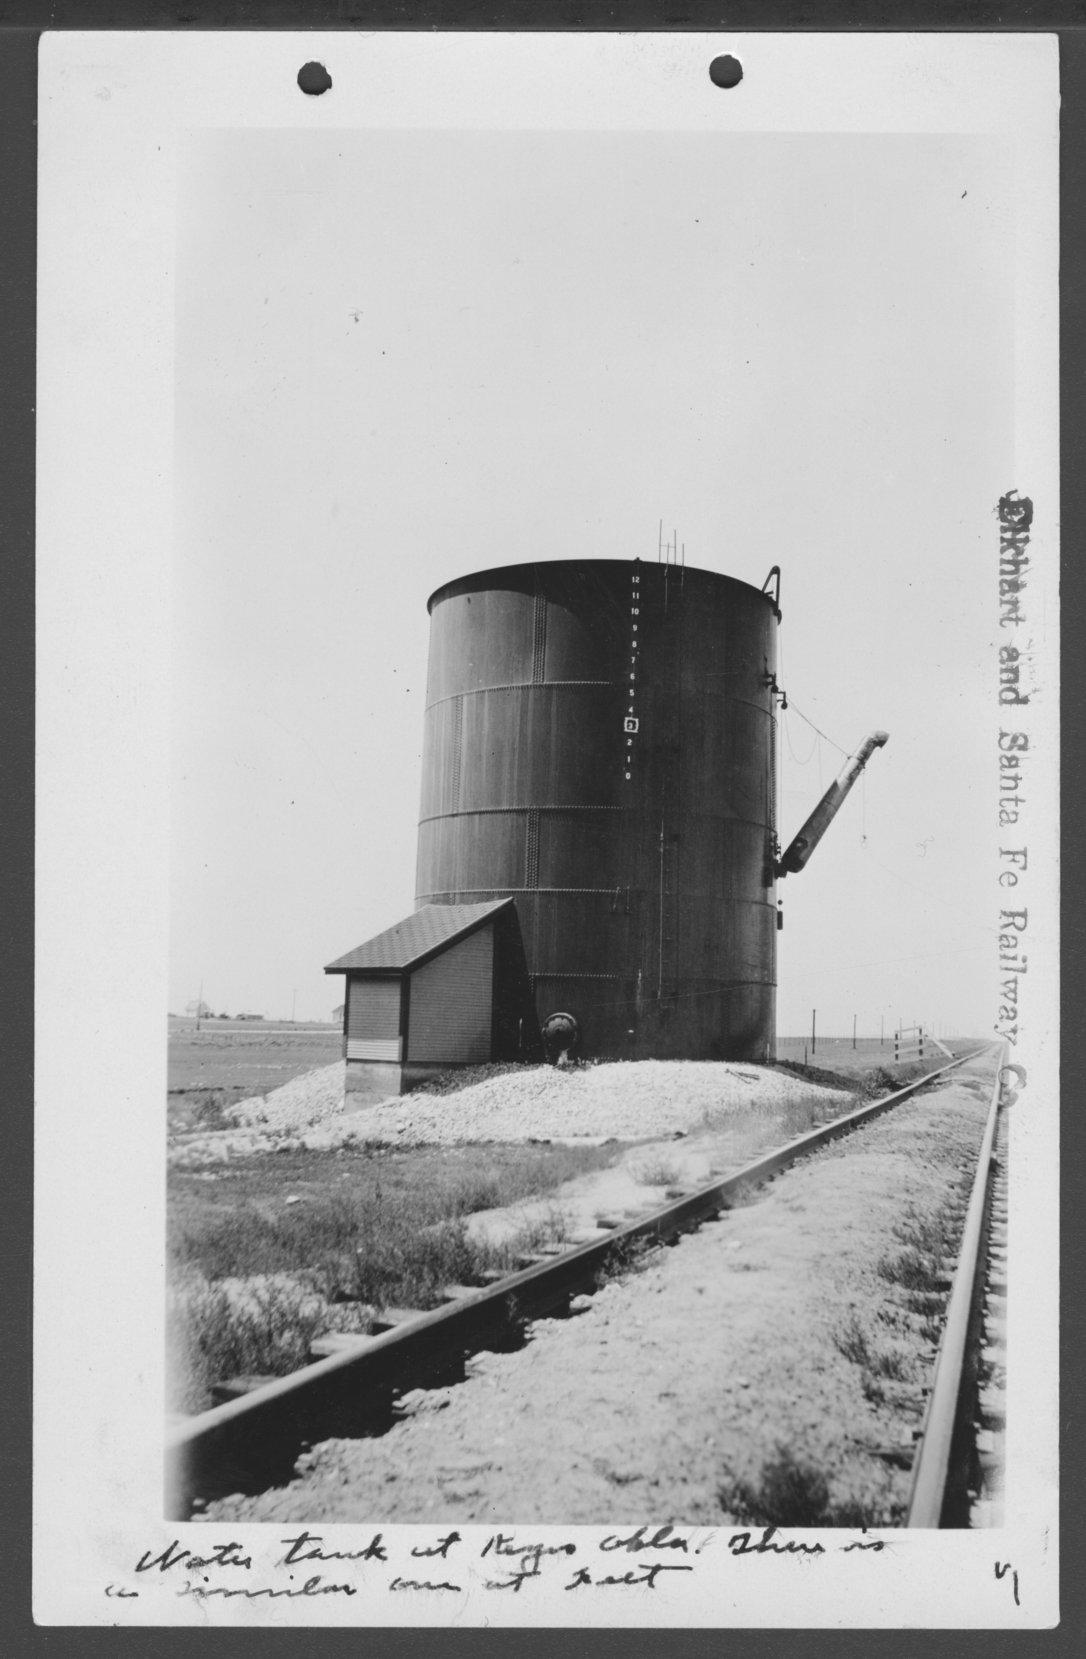 Elkhart & Santa Fe Railway Company water tank, Keyes, Oklahoma